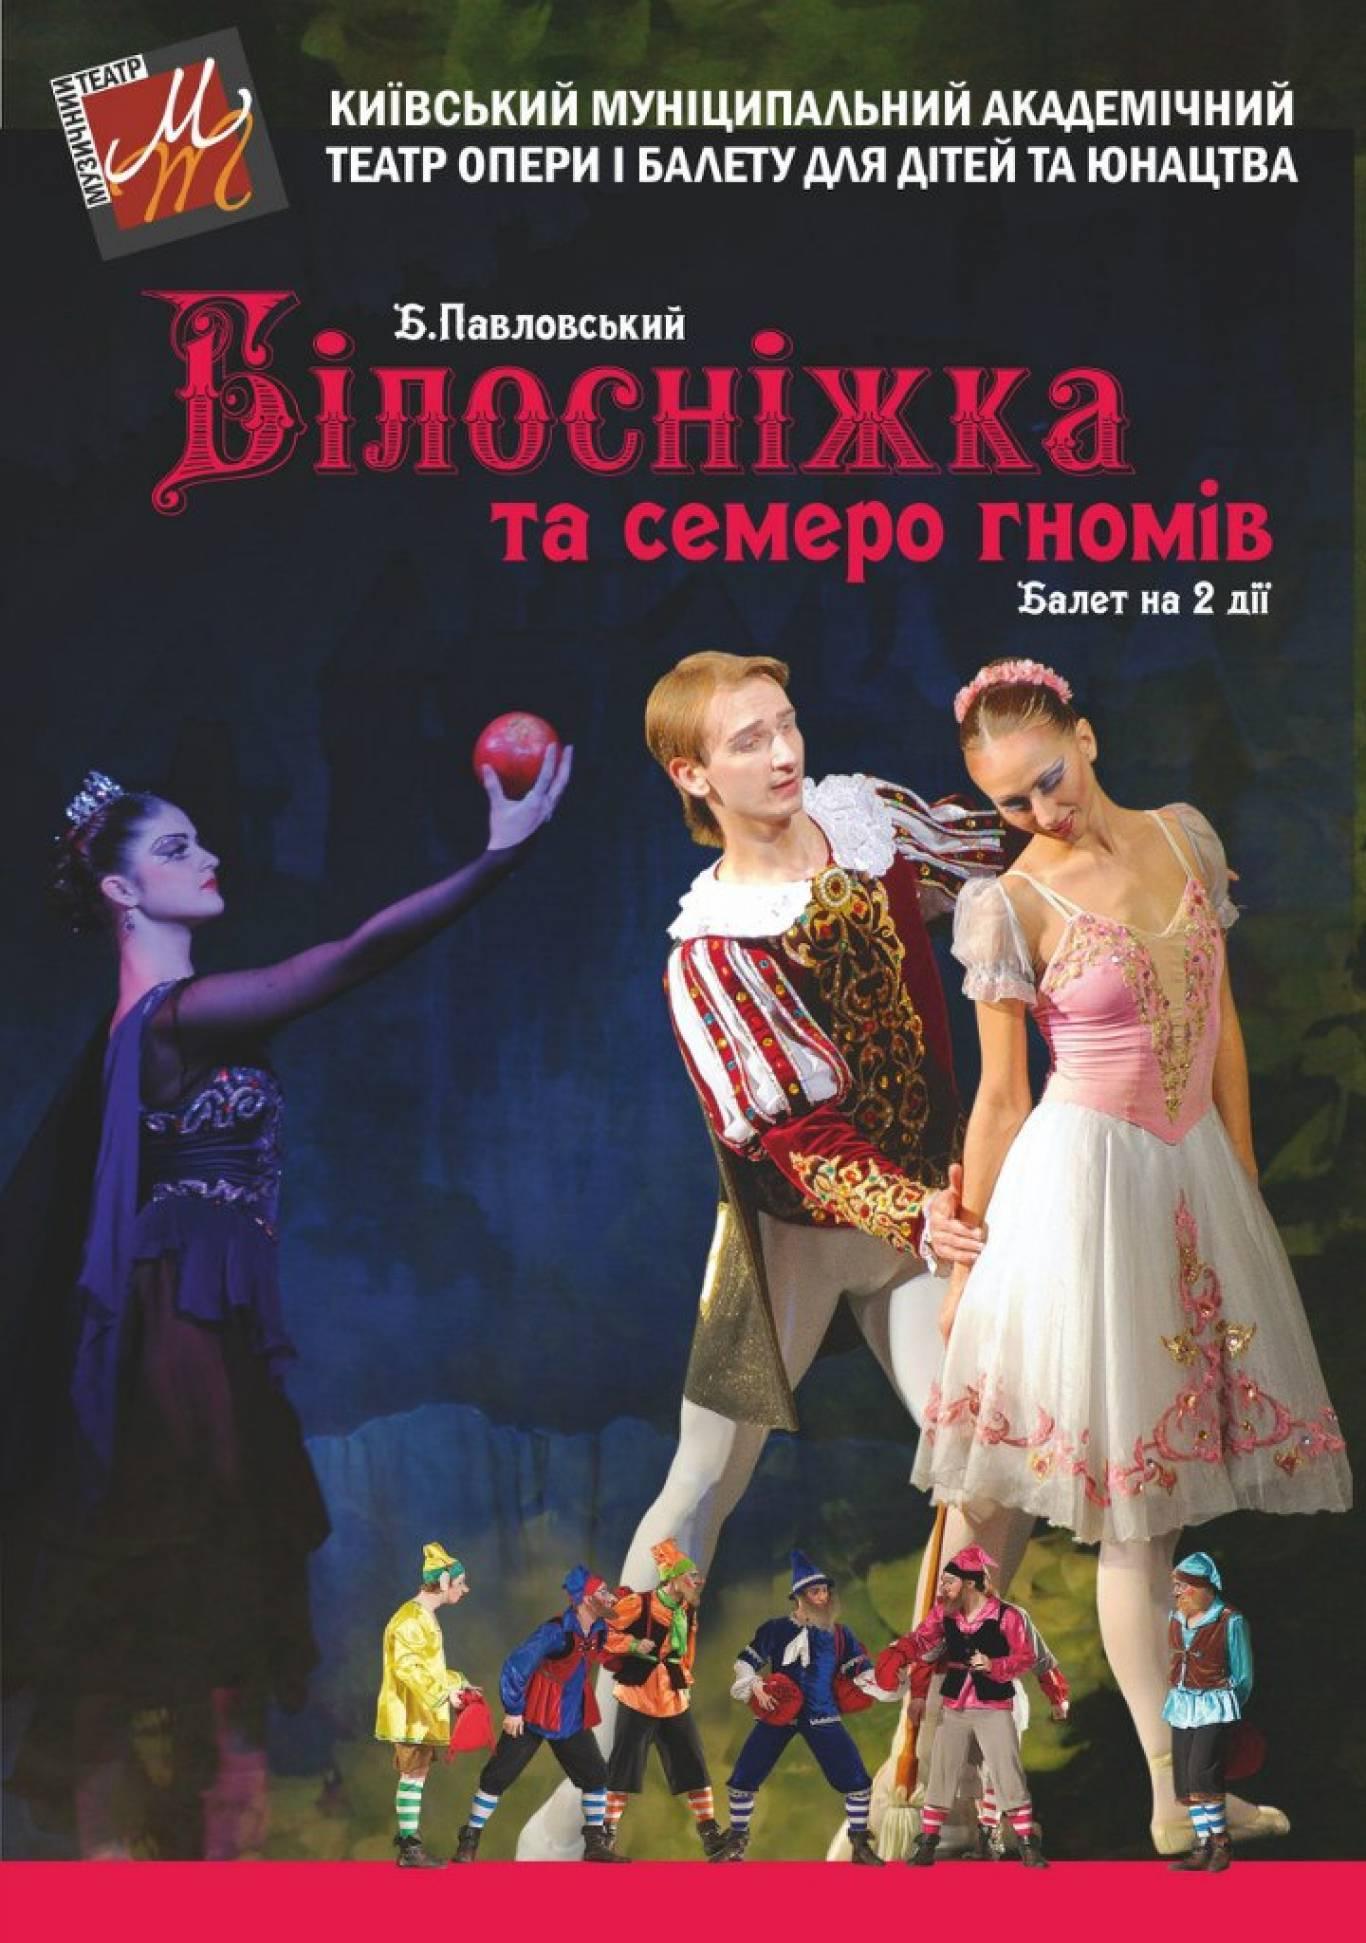 Балет «Білосніжка та семеро гномів» в Театрі опери та балету для дітей та юнацтва